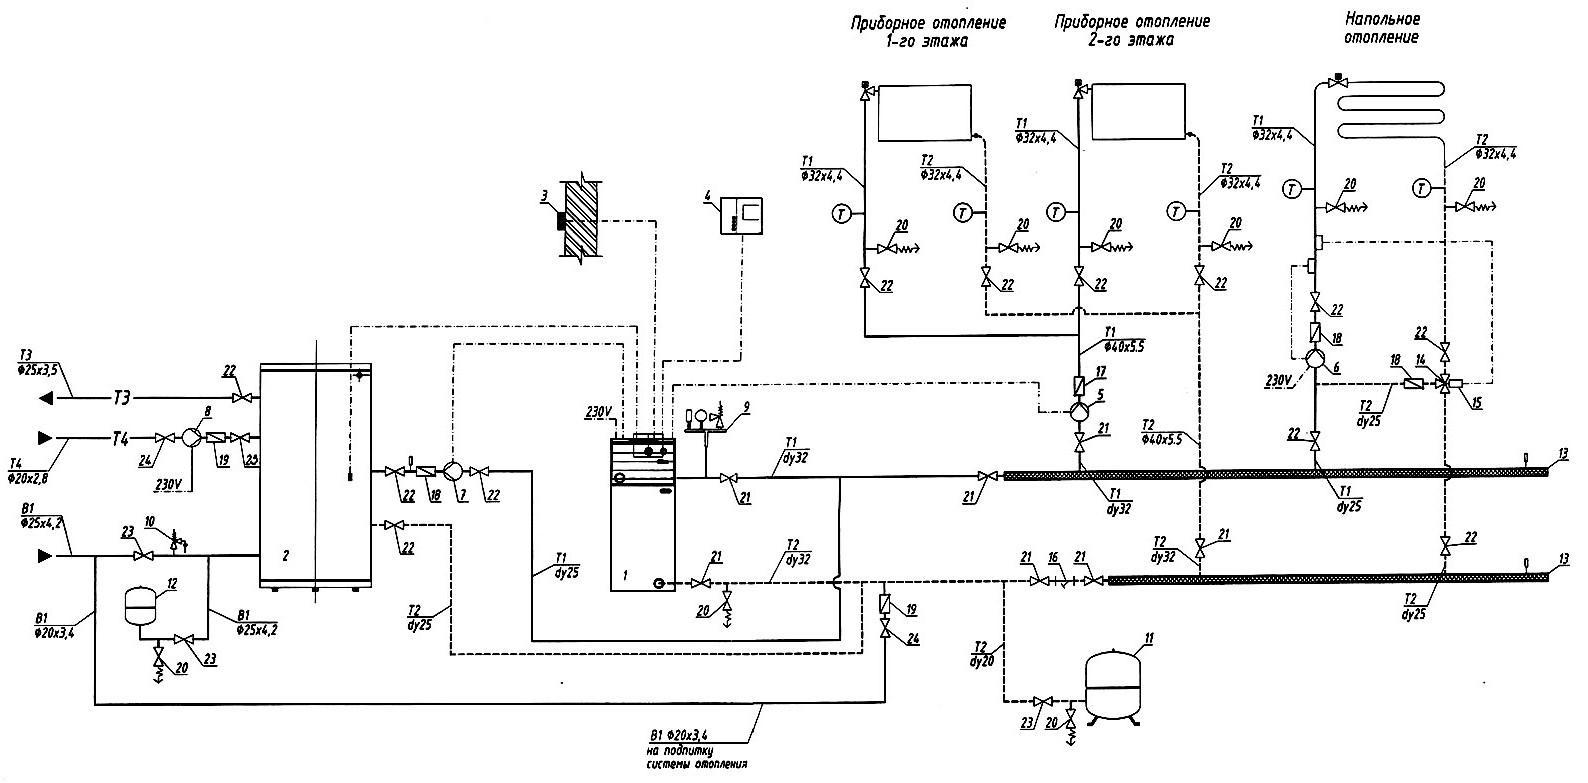 Схема отопления двухэтажного дома